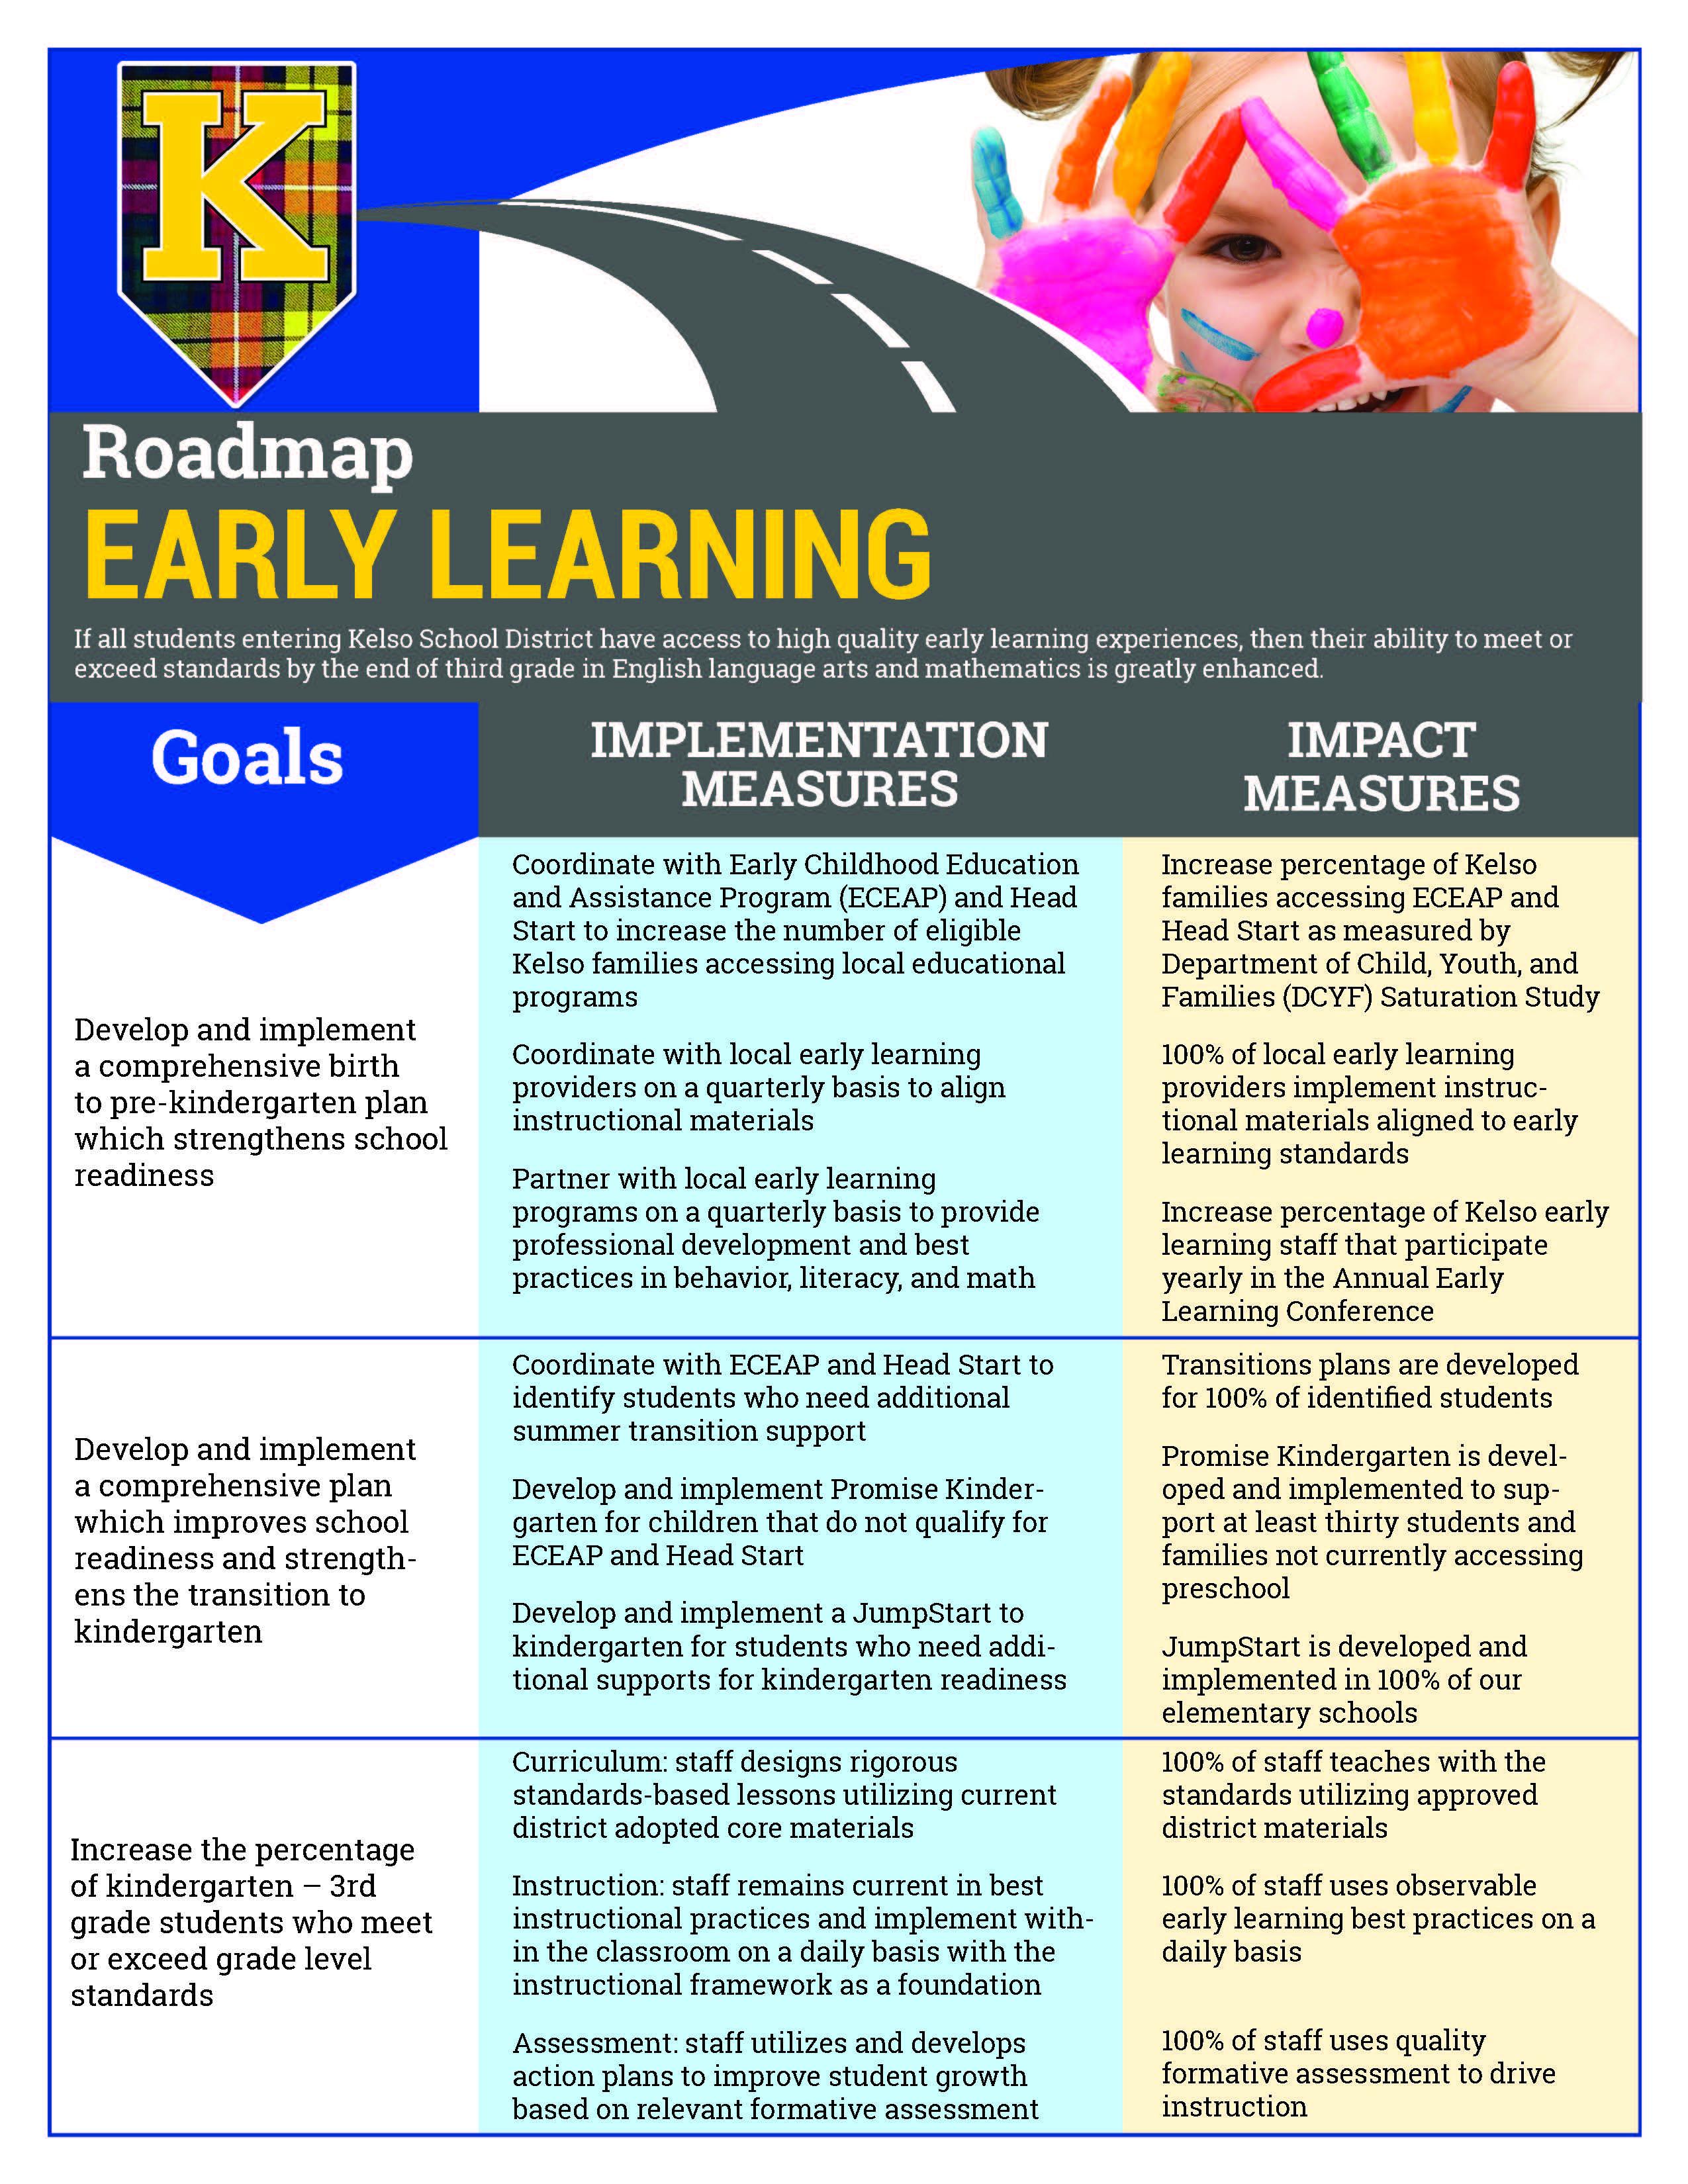 ROADMAP EARLY LEARNING INFORMATION